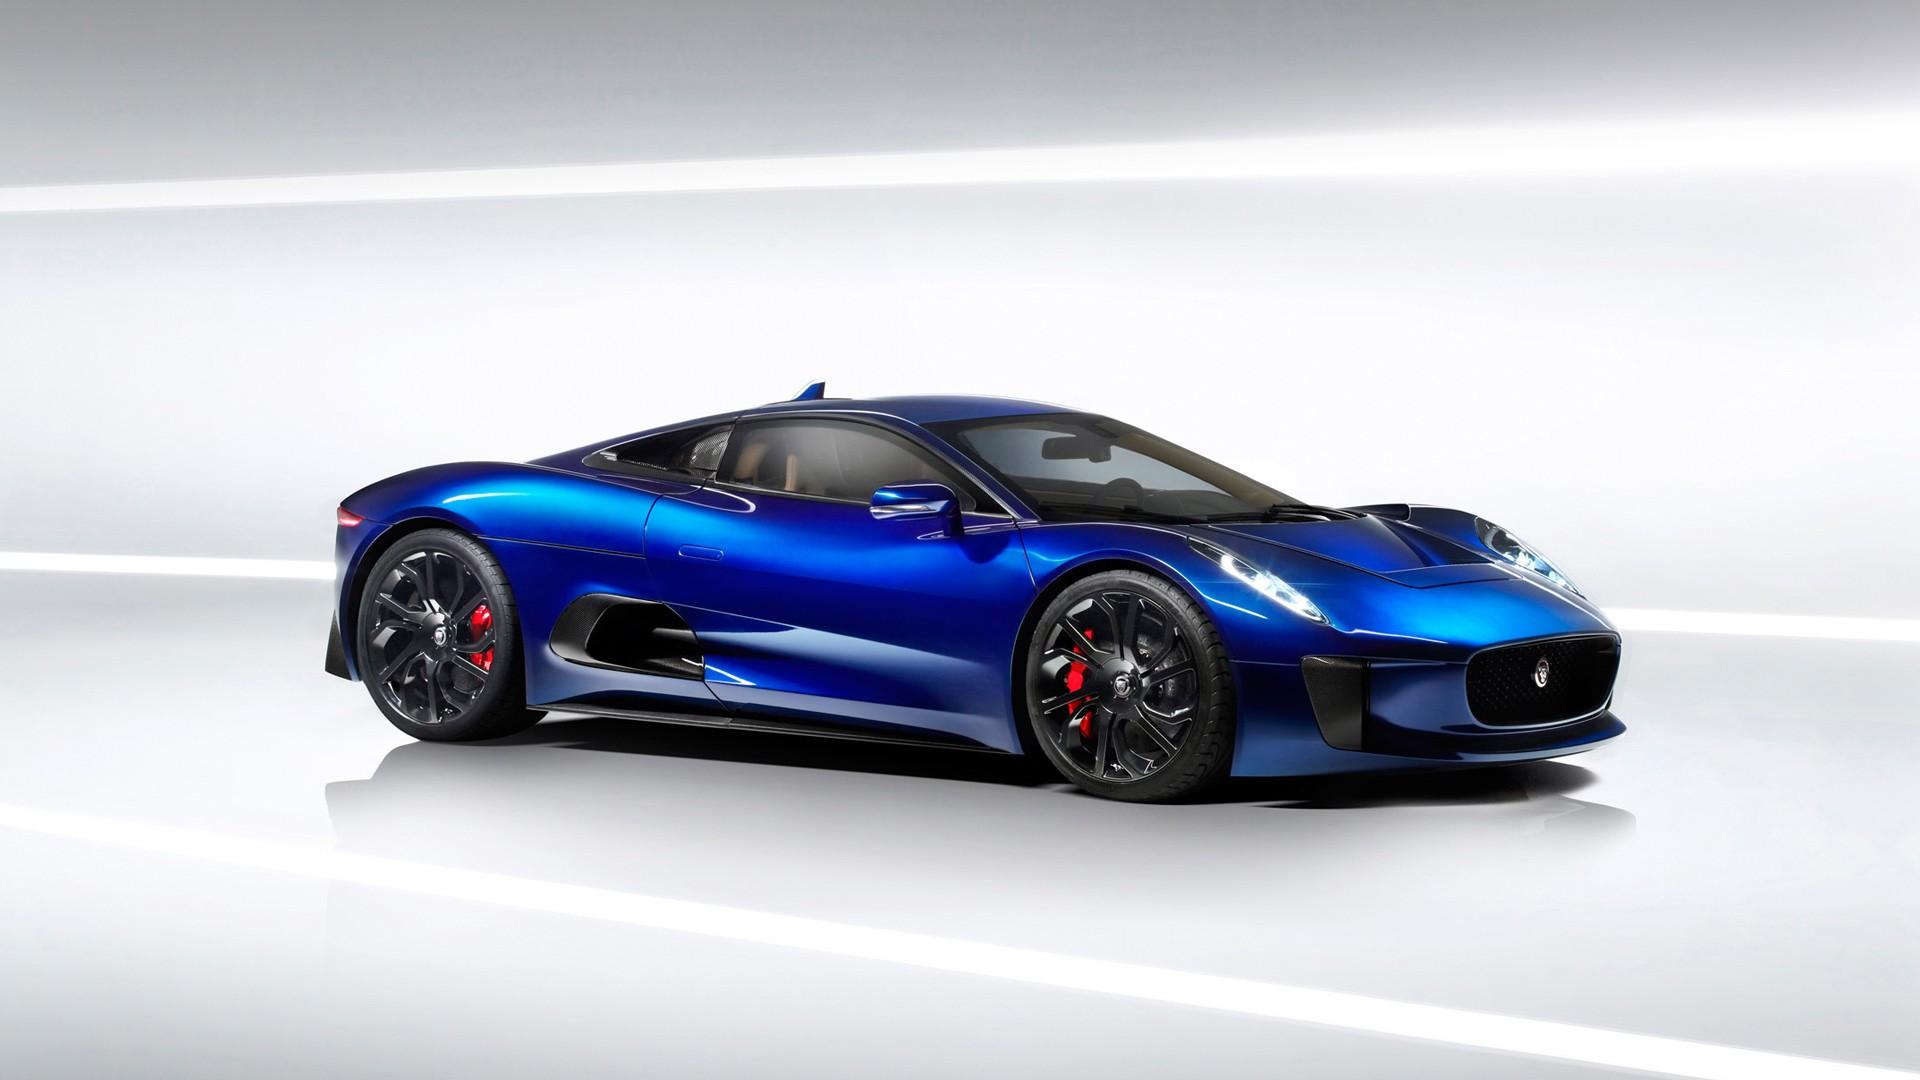 jaguar car wallpaper hd - photo #41